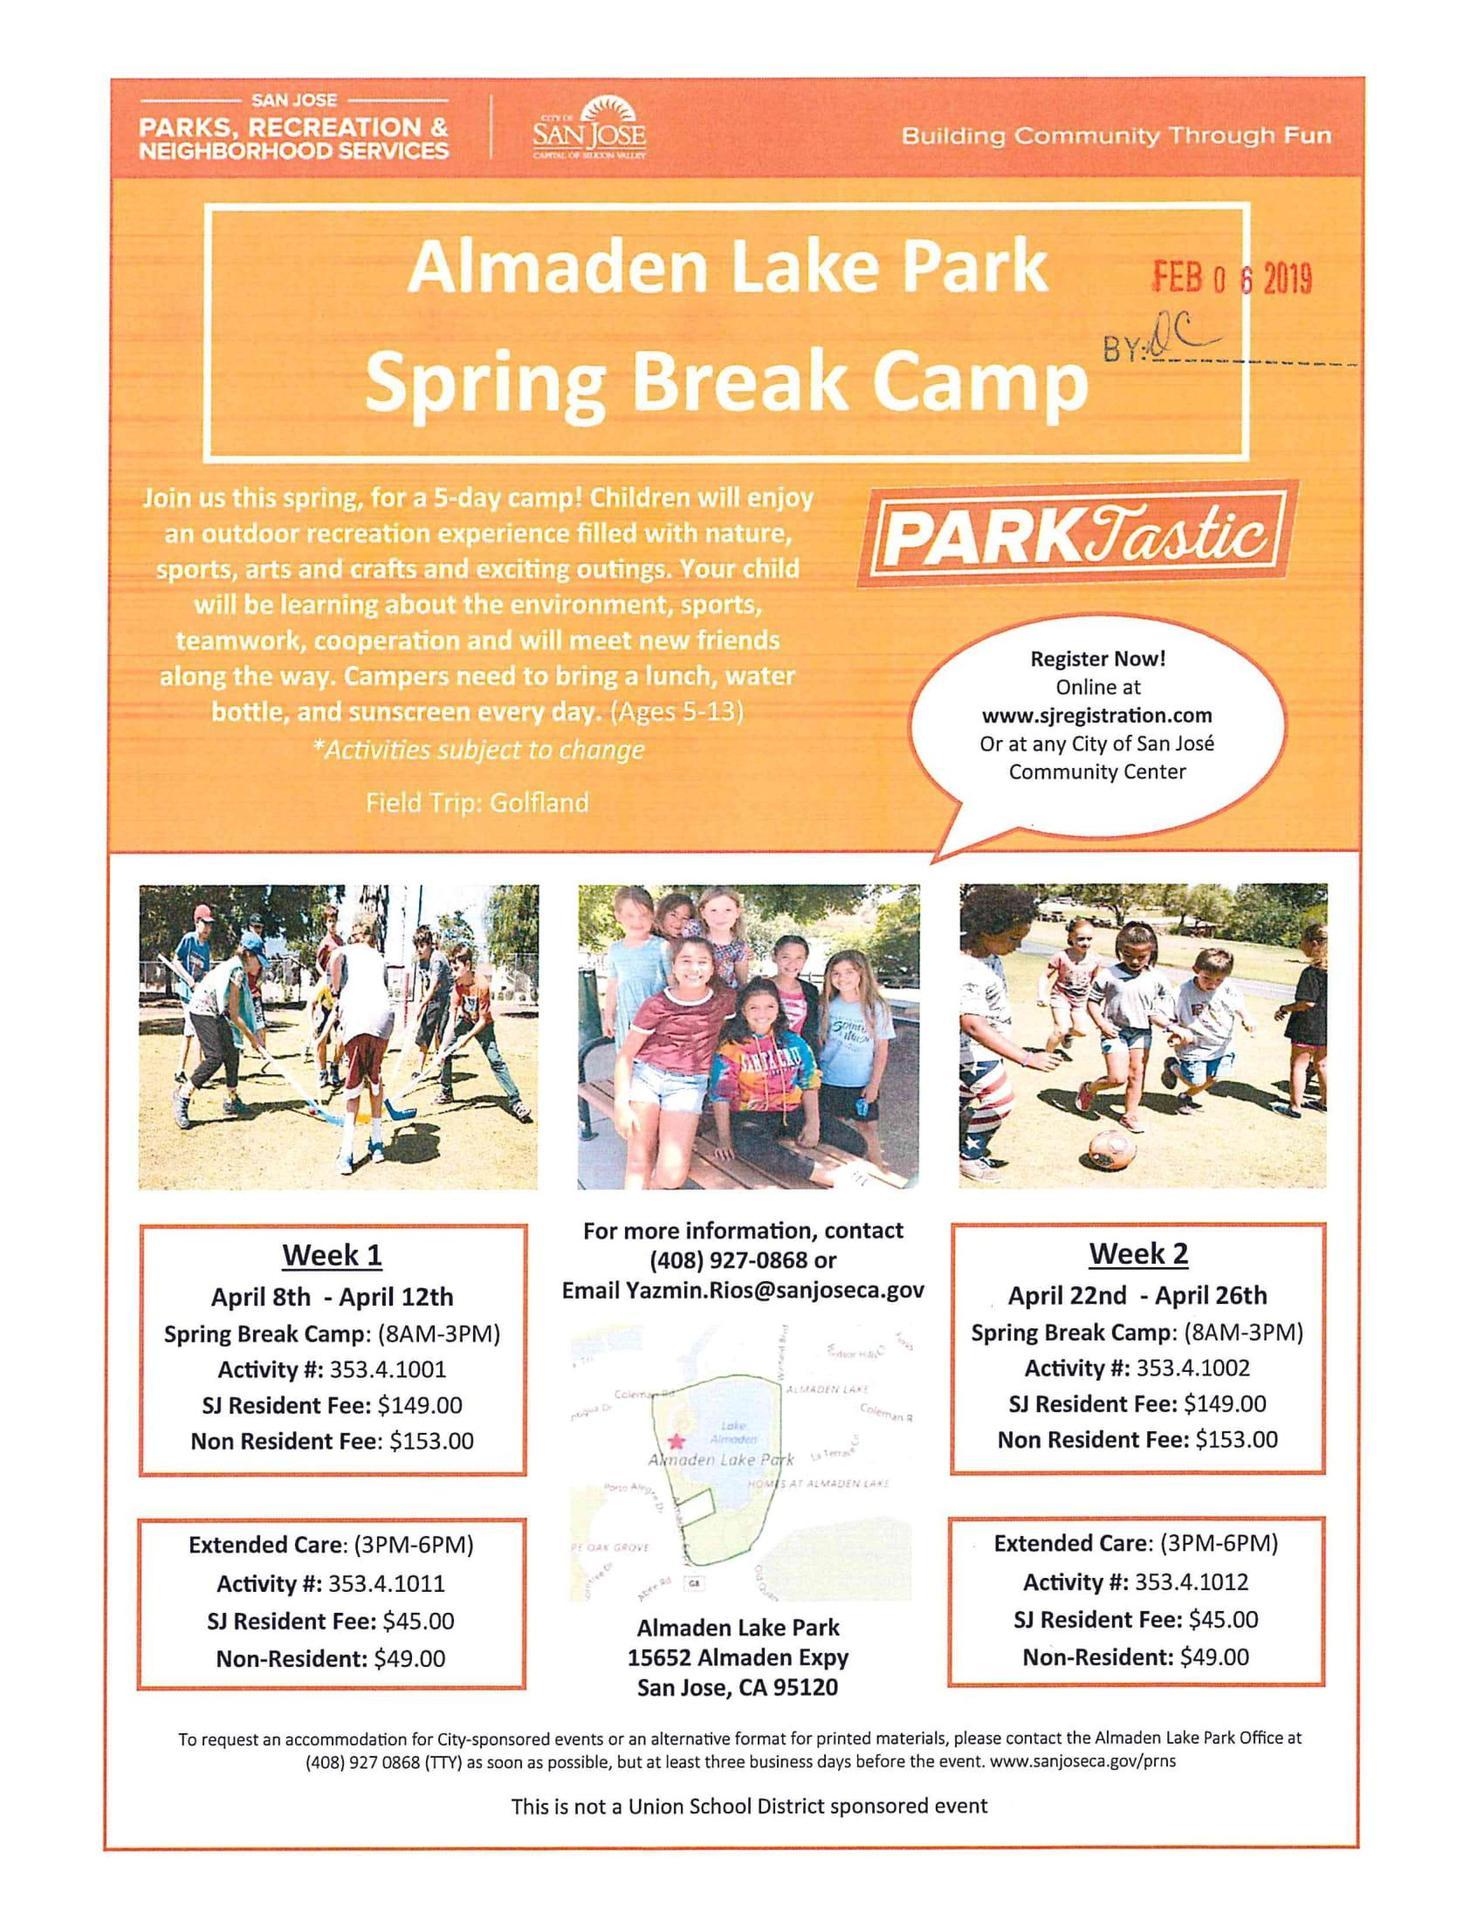 Almaden Lake Park Spring Break Camp